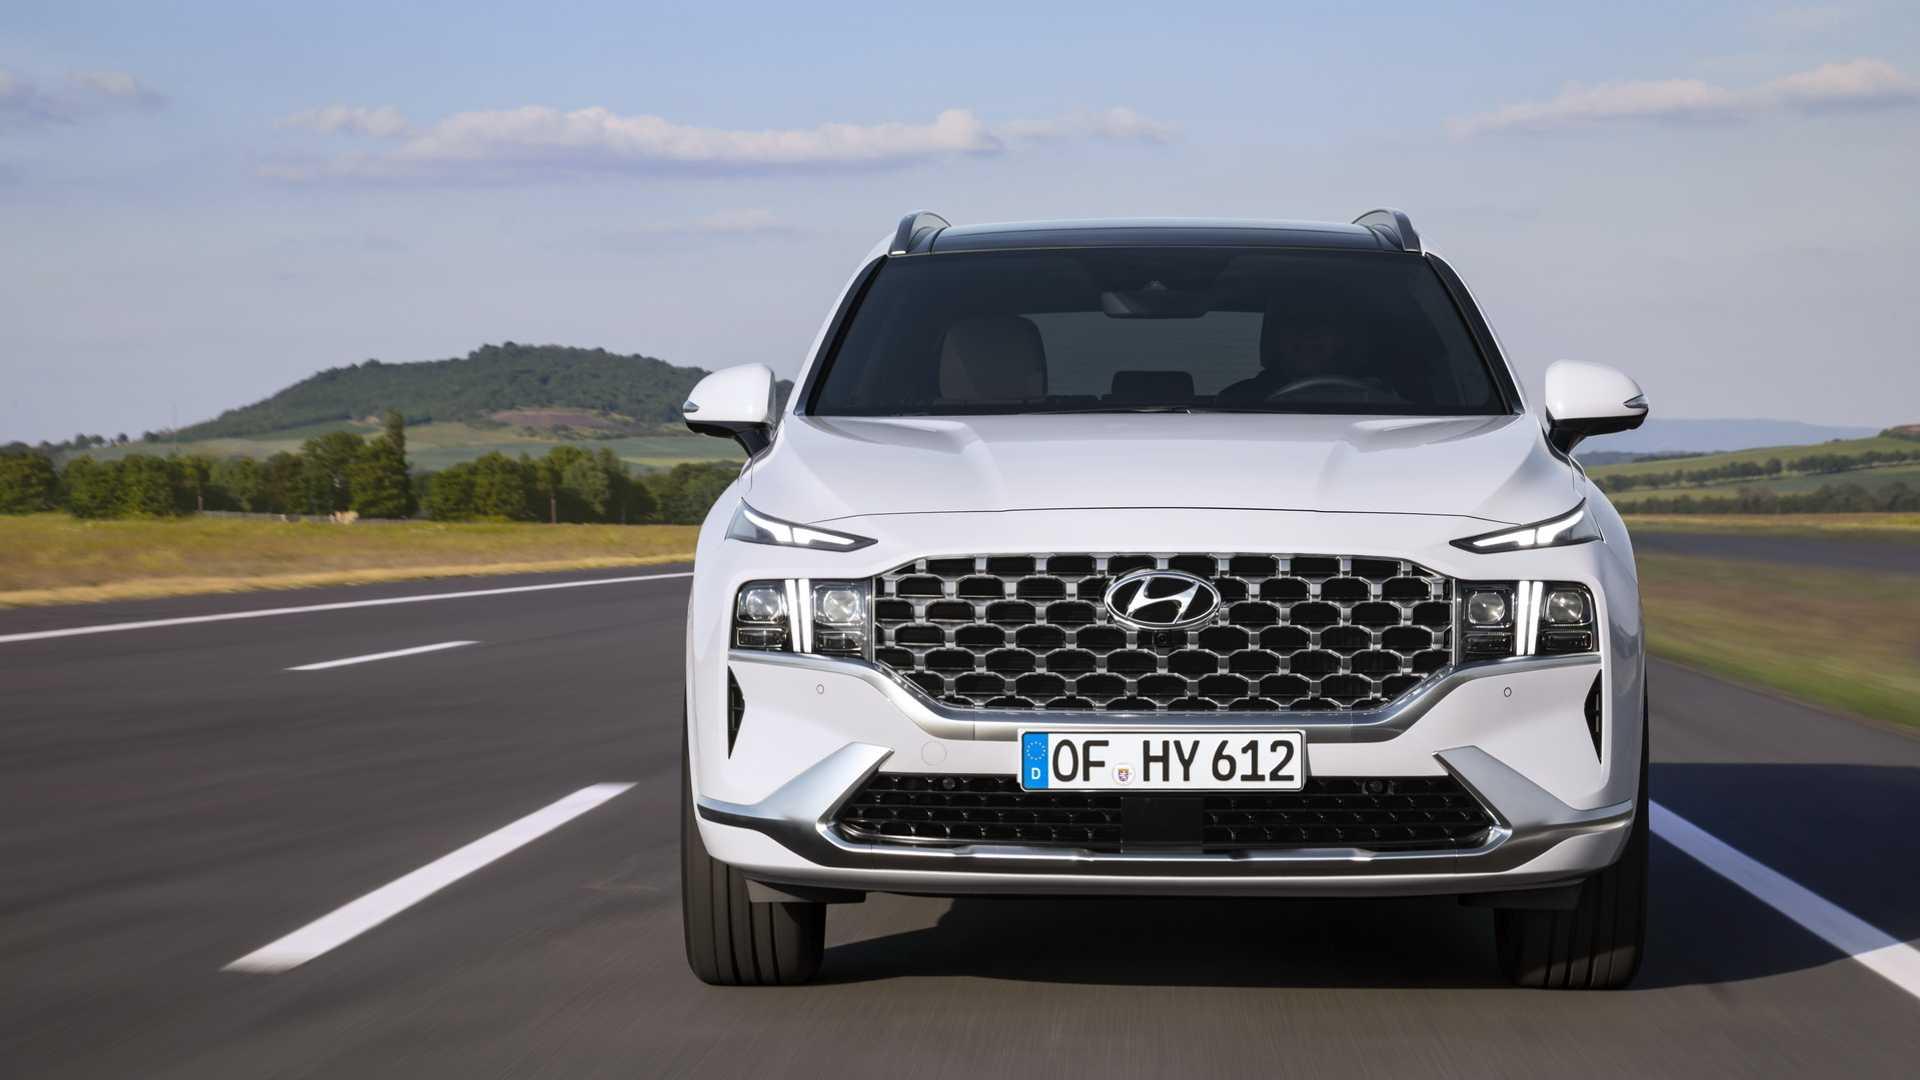 Hyundai Santa Fe на домашнем рынке менее популярен, чем другие кроссоверы марки и родственный Kia Sorento. По слухам, производитель задумался о скором выпуске сменщика.